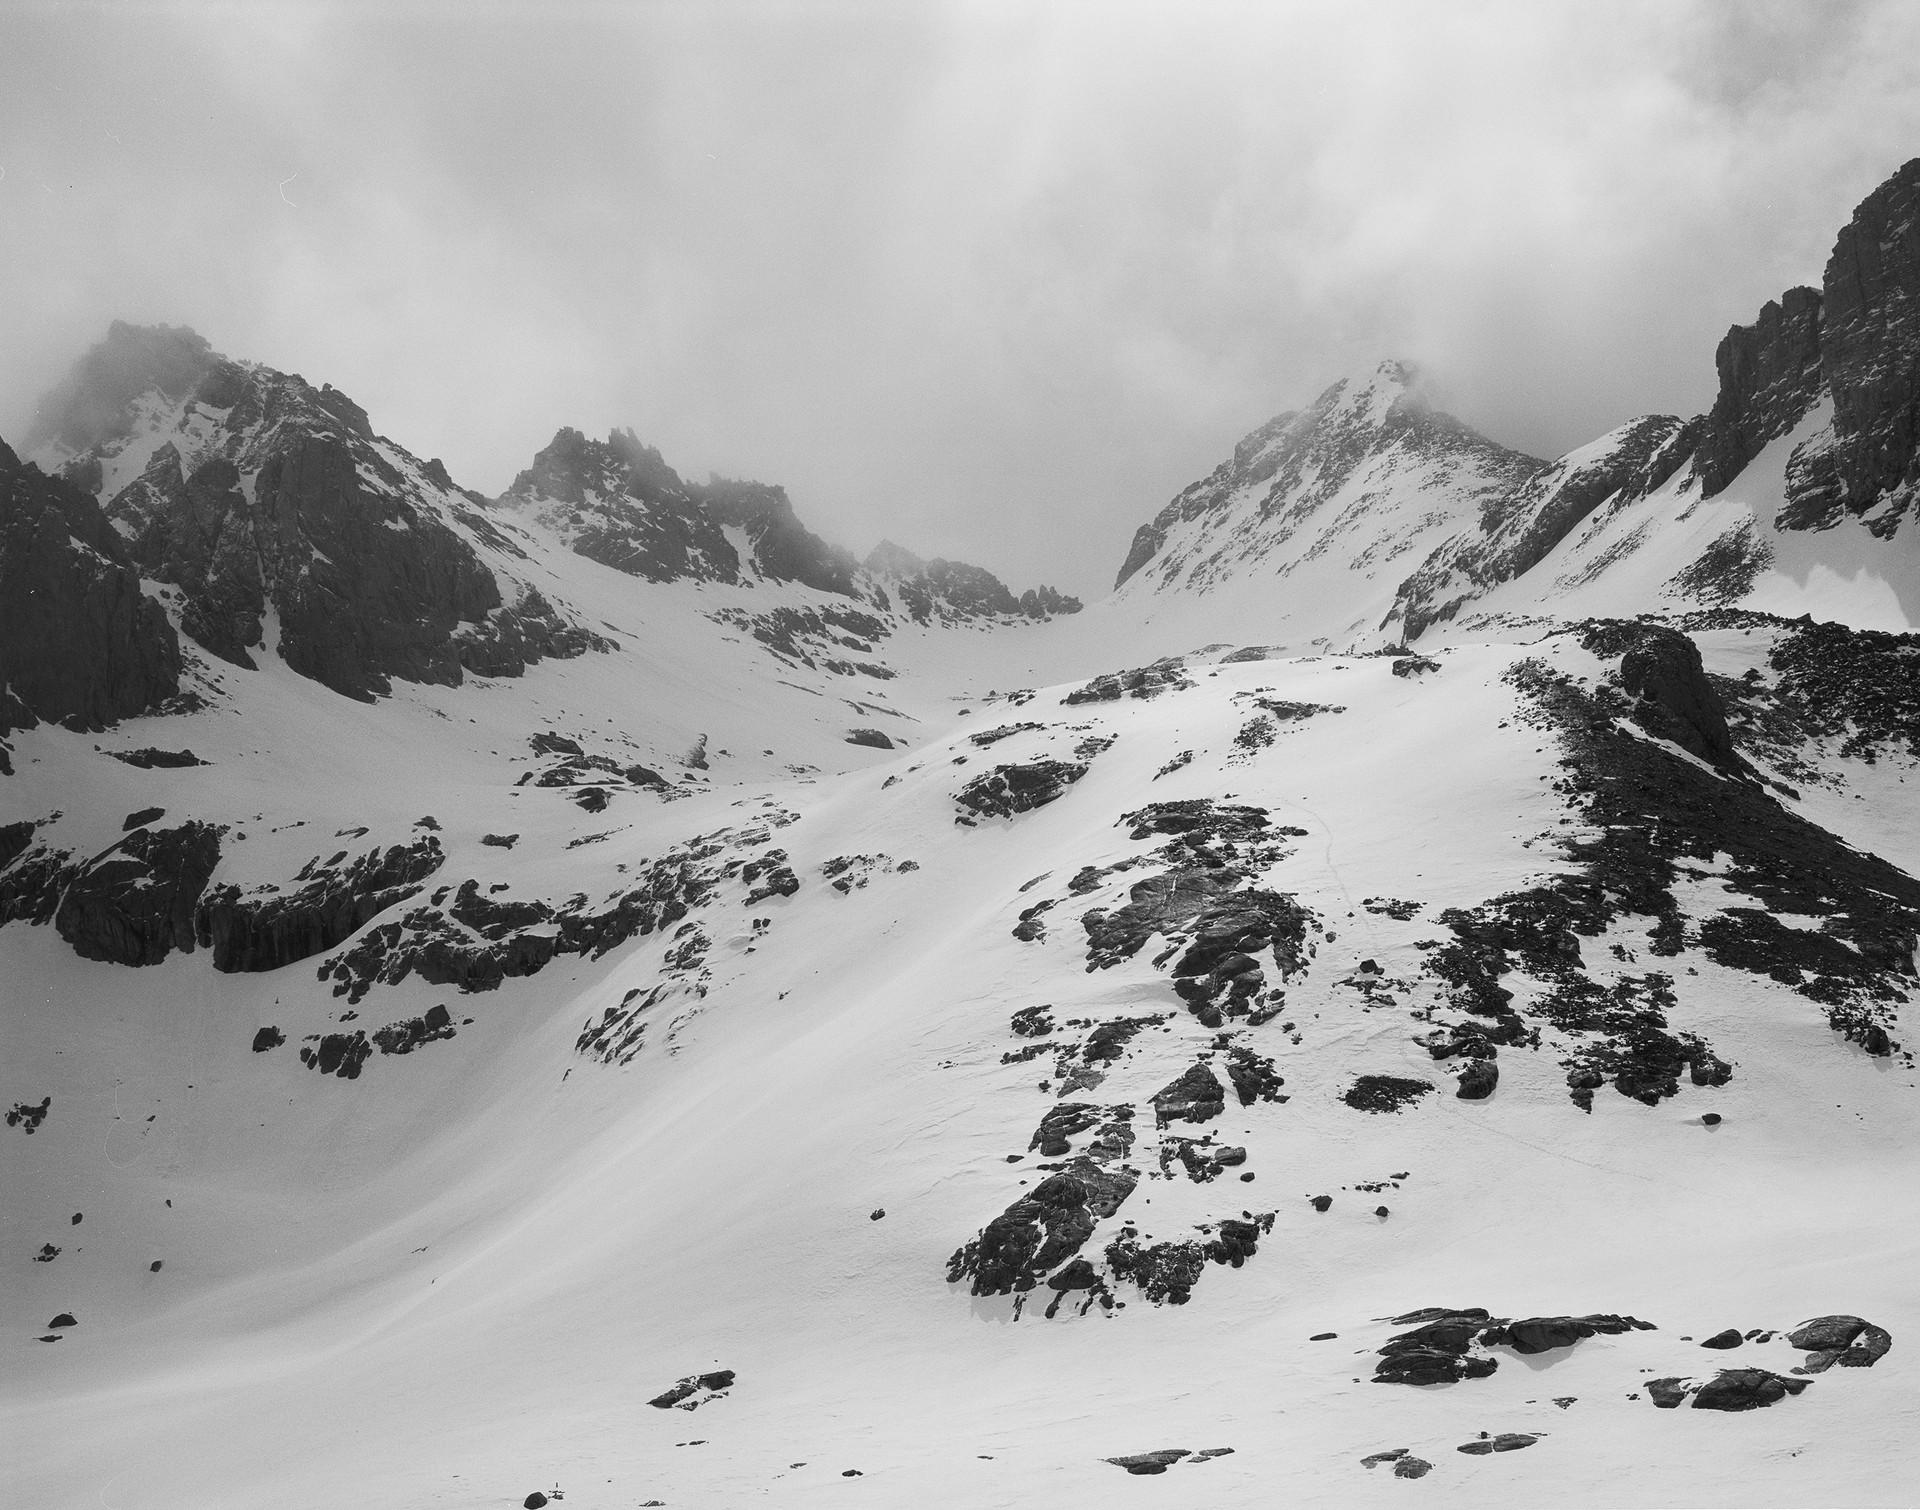 Sunlight Peak and Windom Peak